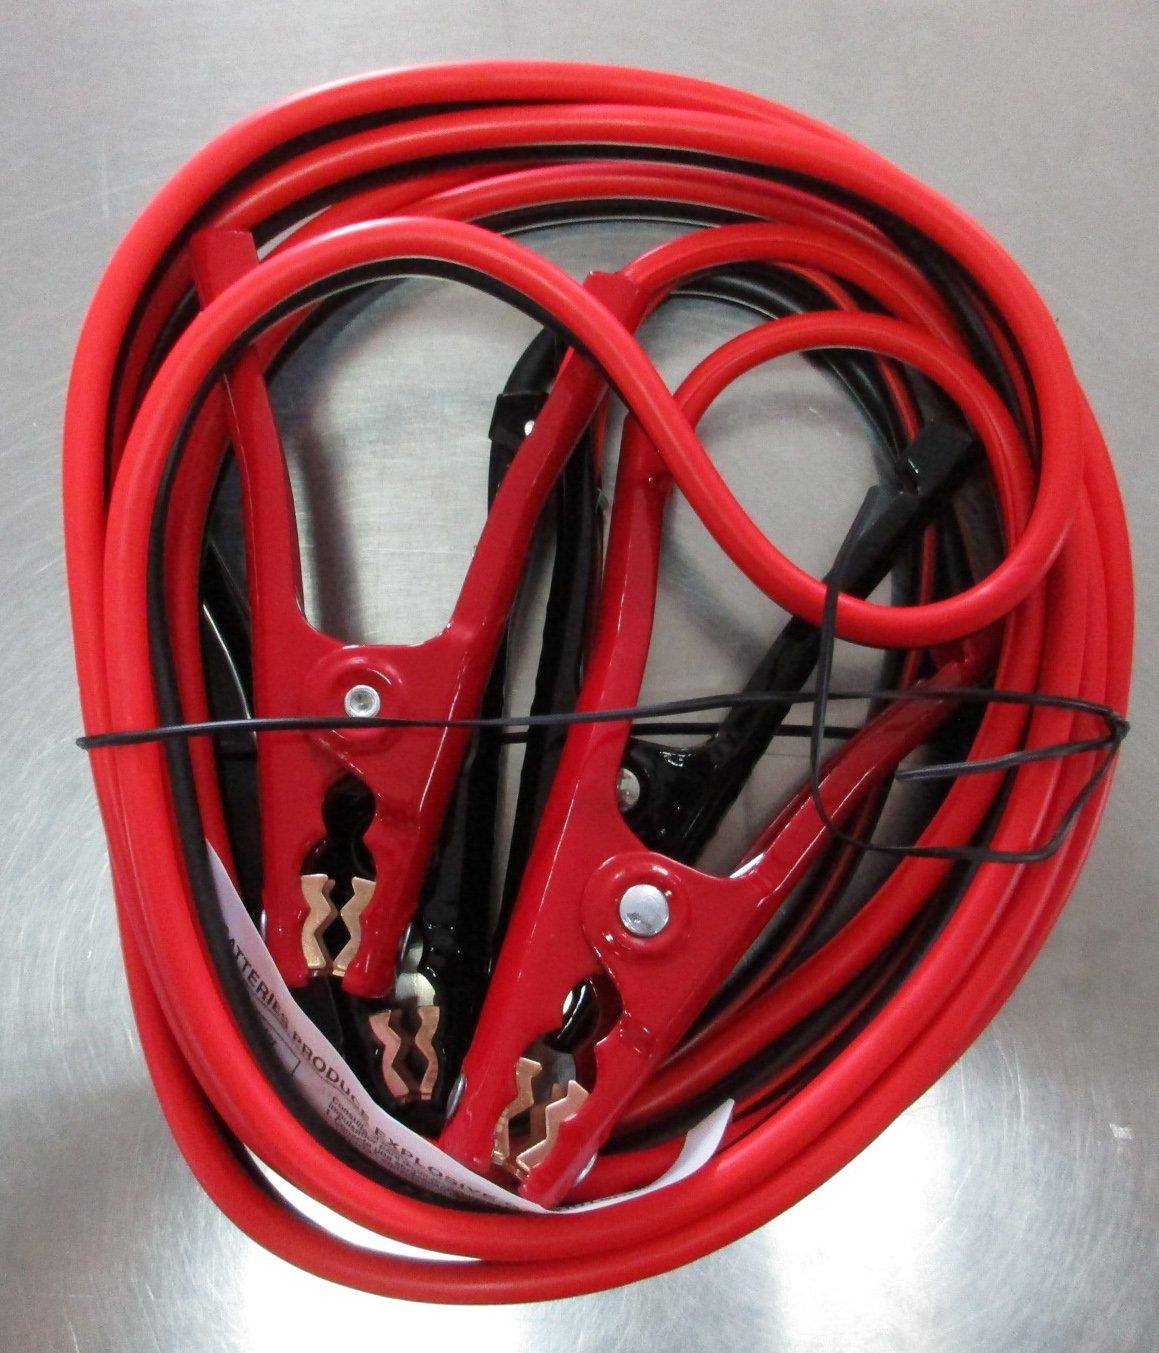 Cartman - cables de arranque de calibre 10 12 pies en bolsa (, 10 AWG, X 12 pies): Amazon.es: Coche y moto